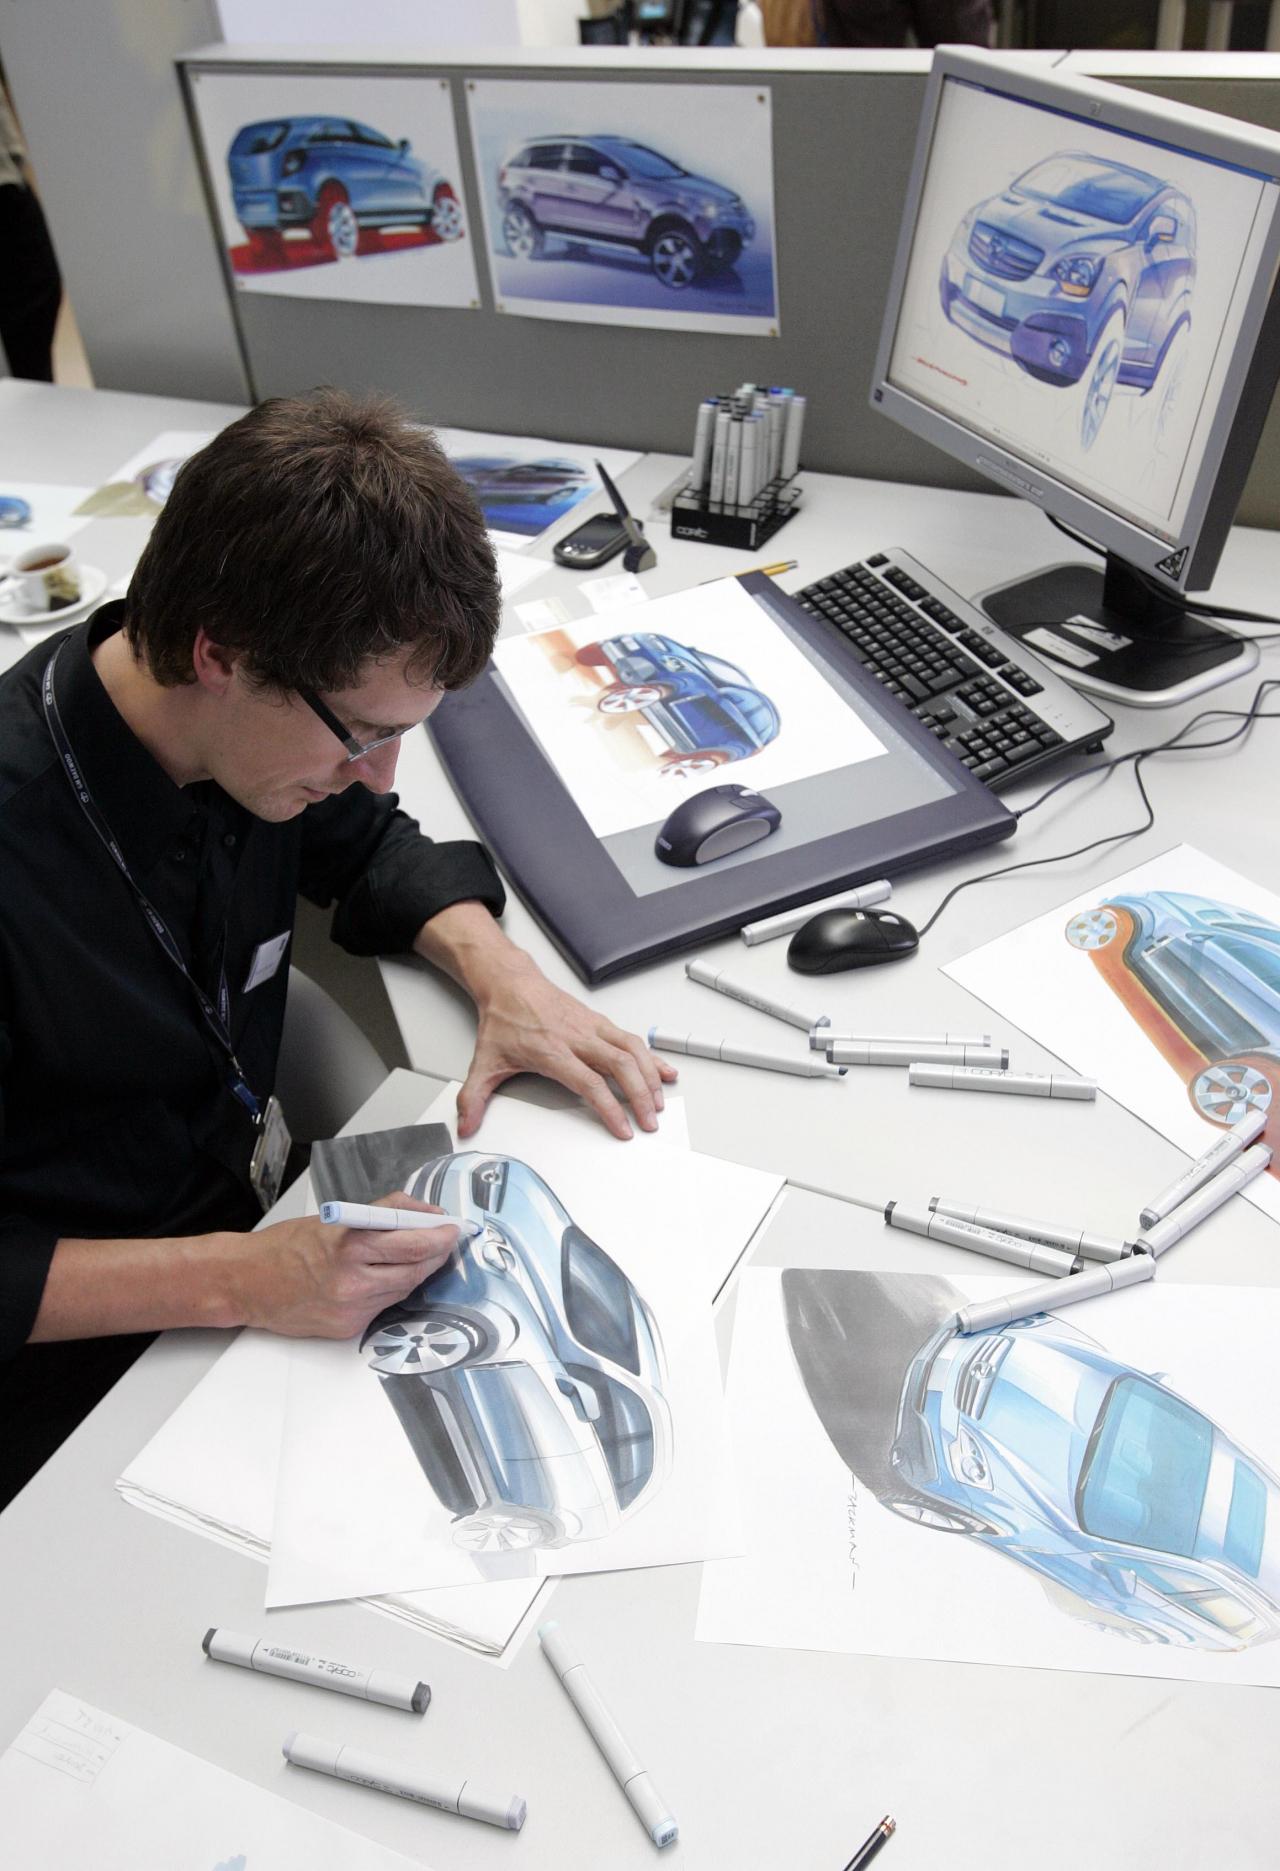 Lai gan auto ražotāju rīcībā ir modernākās tehnoloģijas un jaudīga datortehnika, sākuma fāzē dizainera neatņemami darba rīki joprojām ir zīmuļi un dzēšgumija